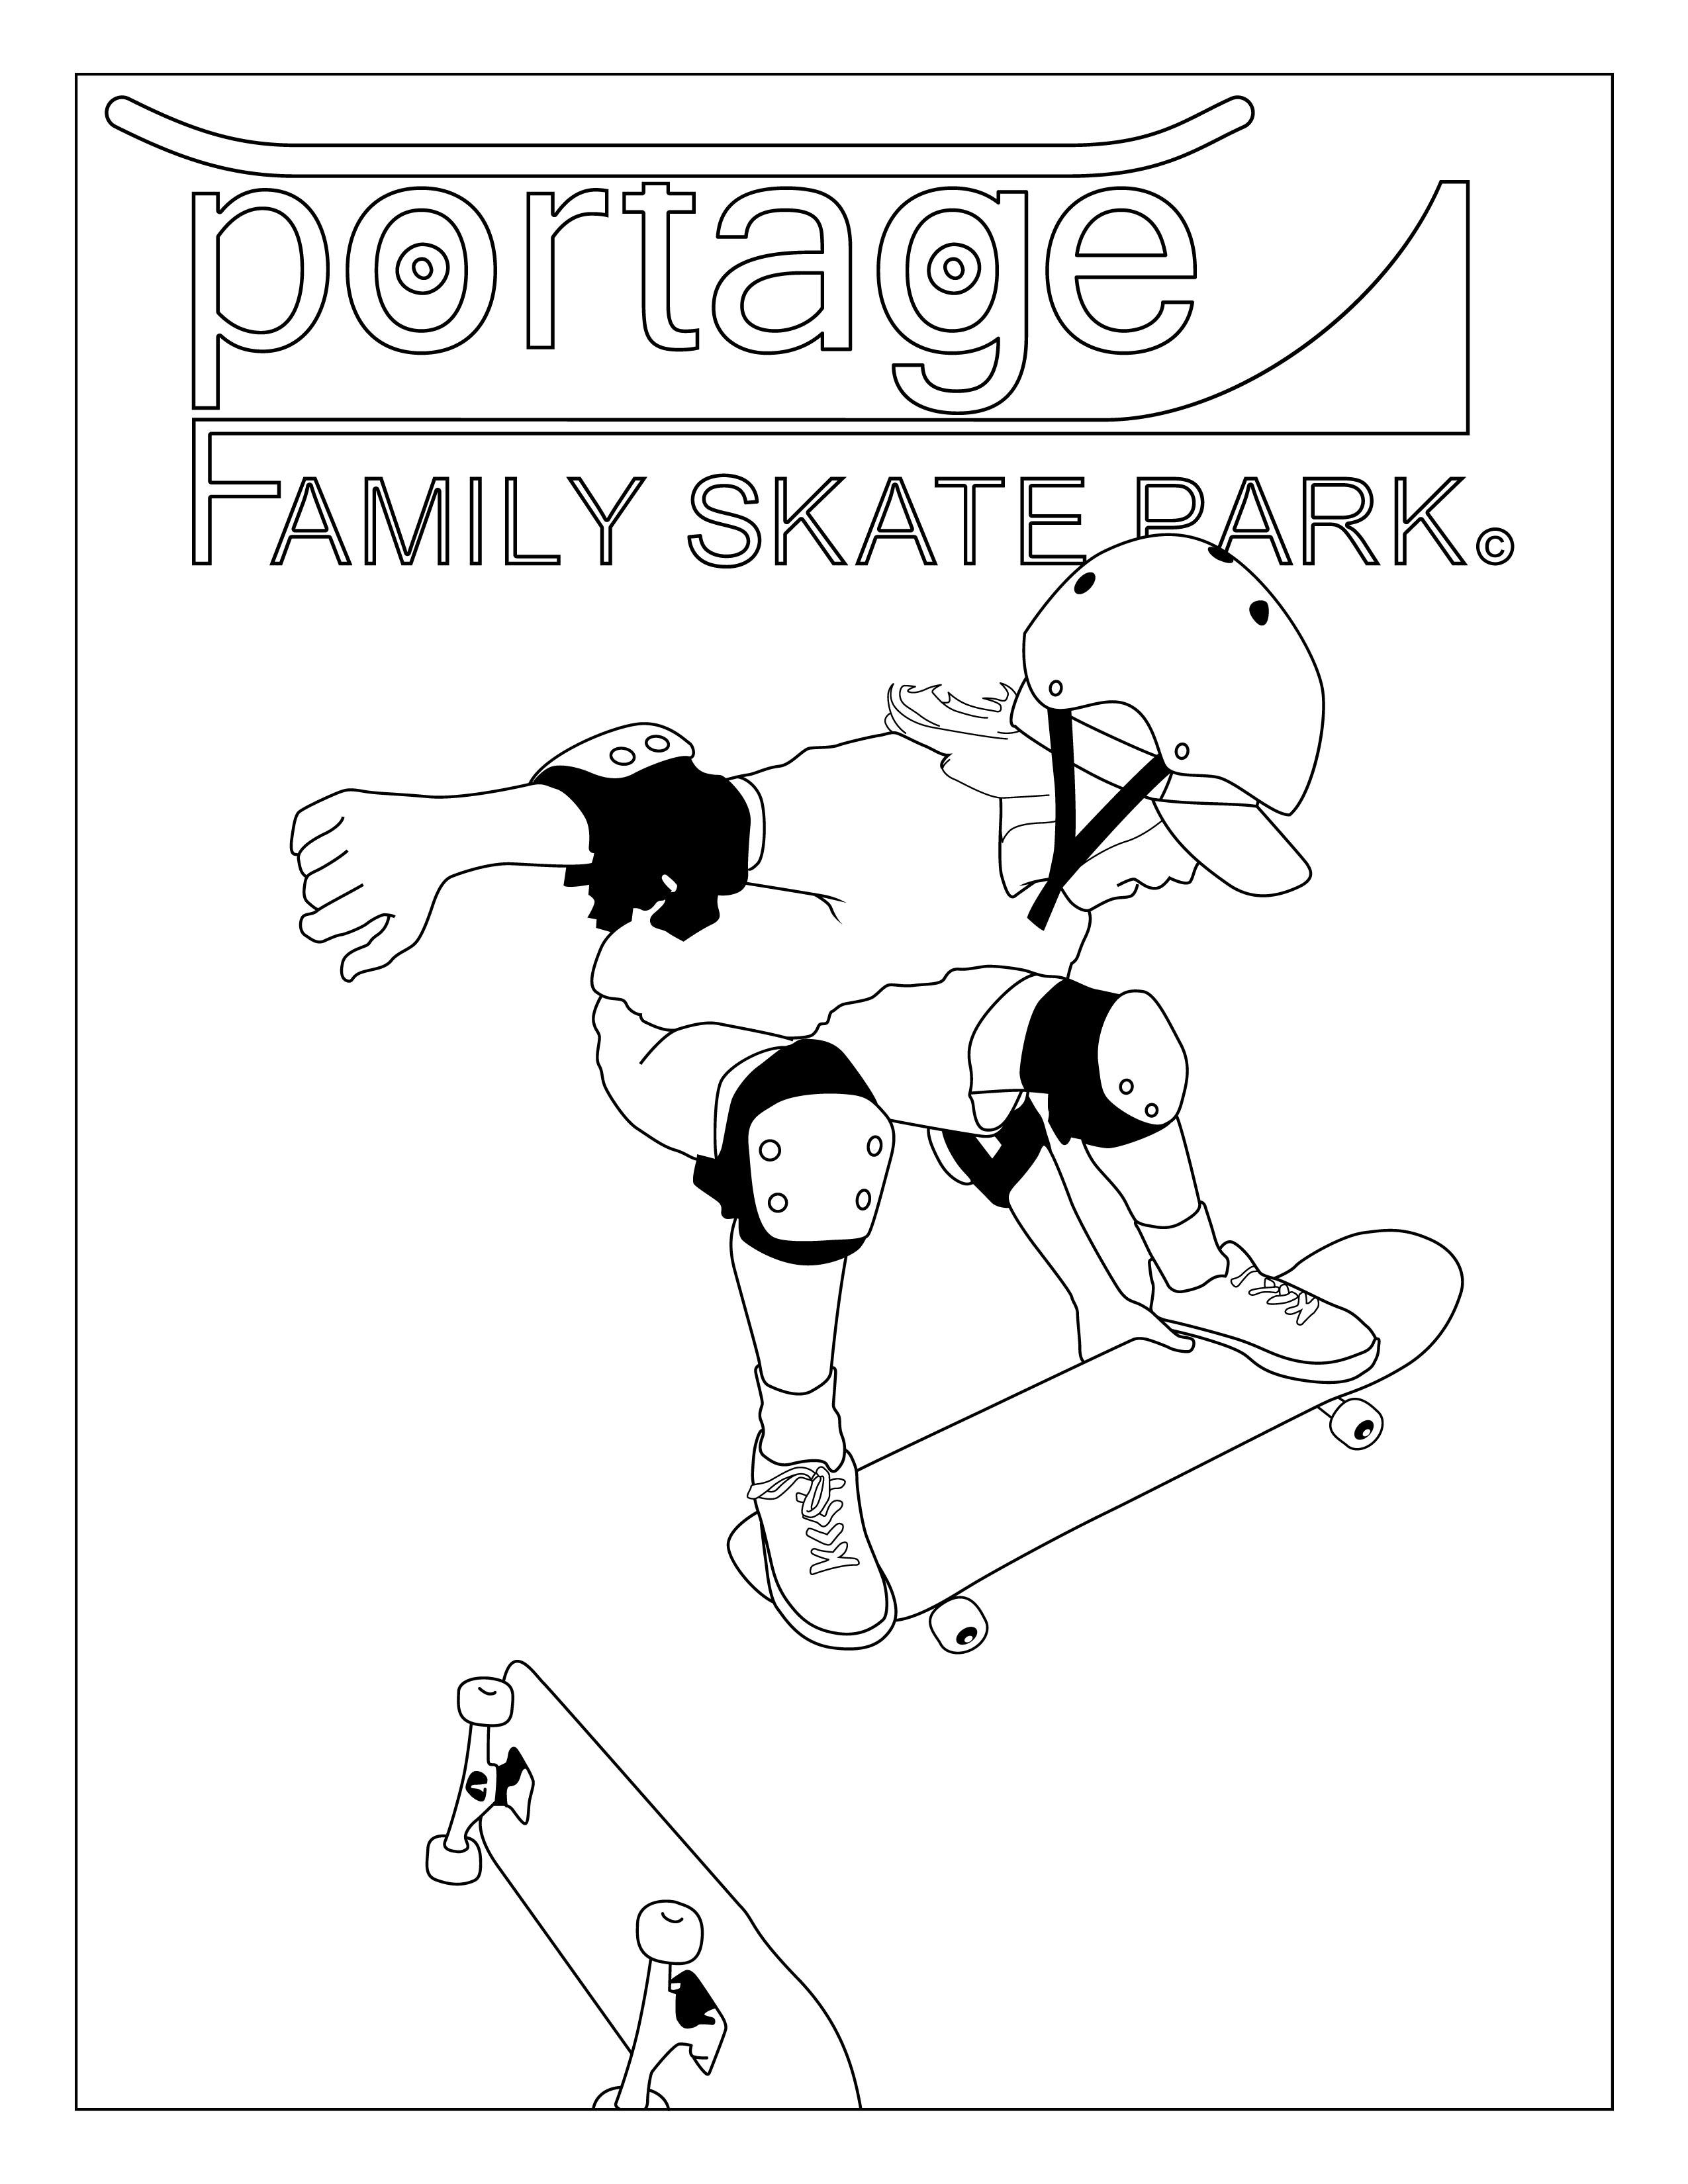 February: Portage Family Skate Park Newsletter